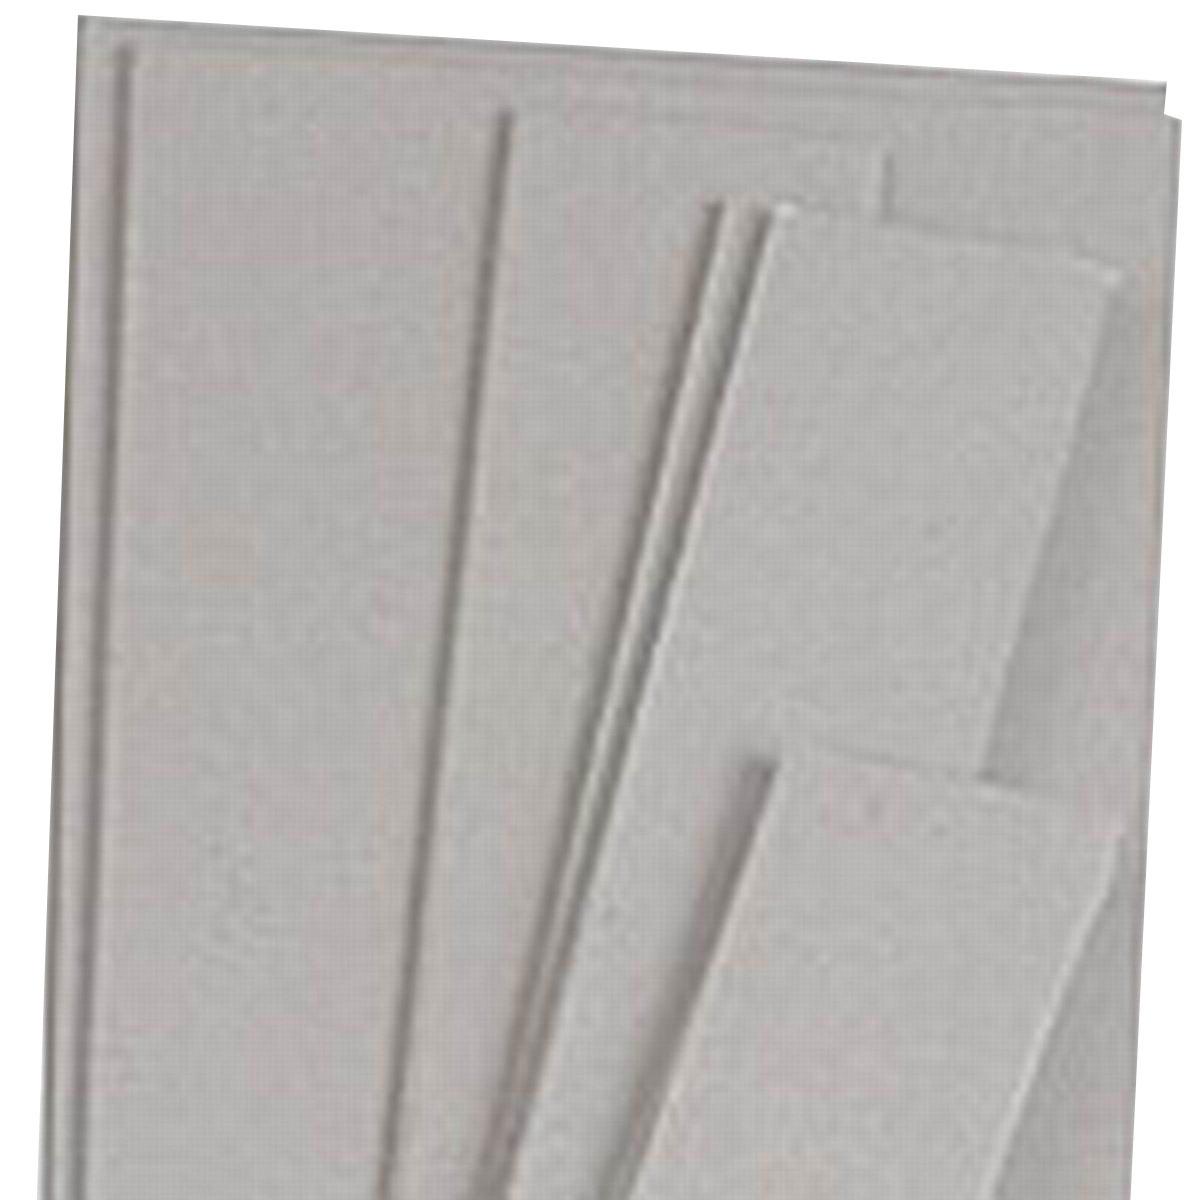 Laminated Grey Paper Board (Ламинированные серой бумаге совет)